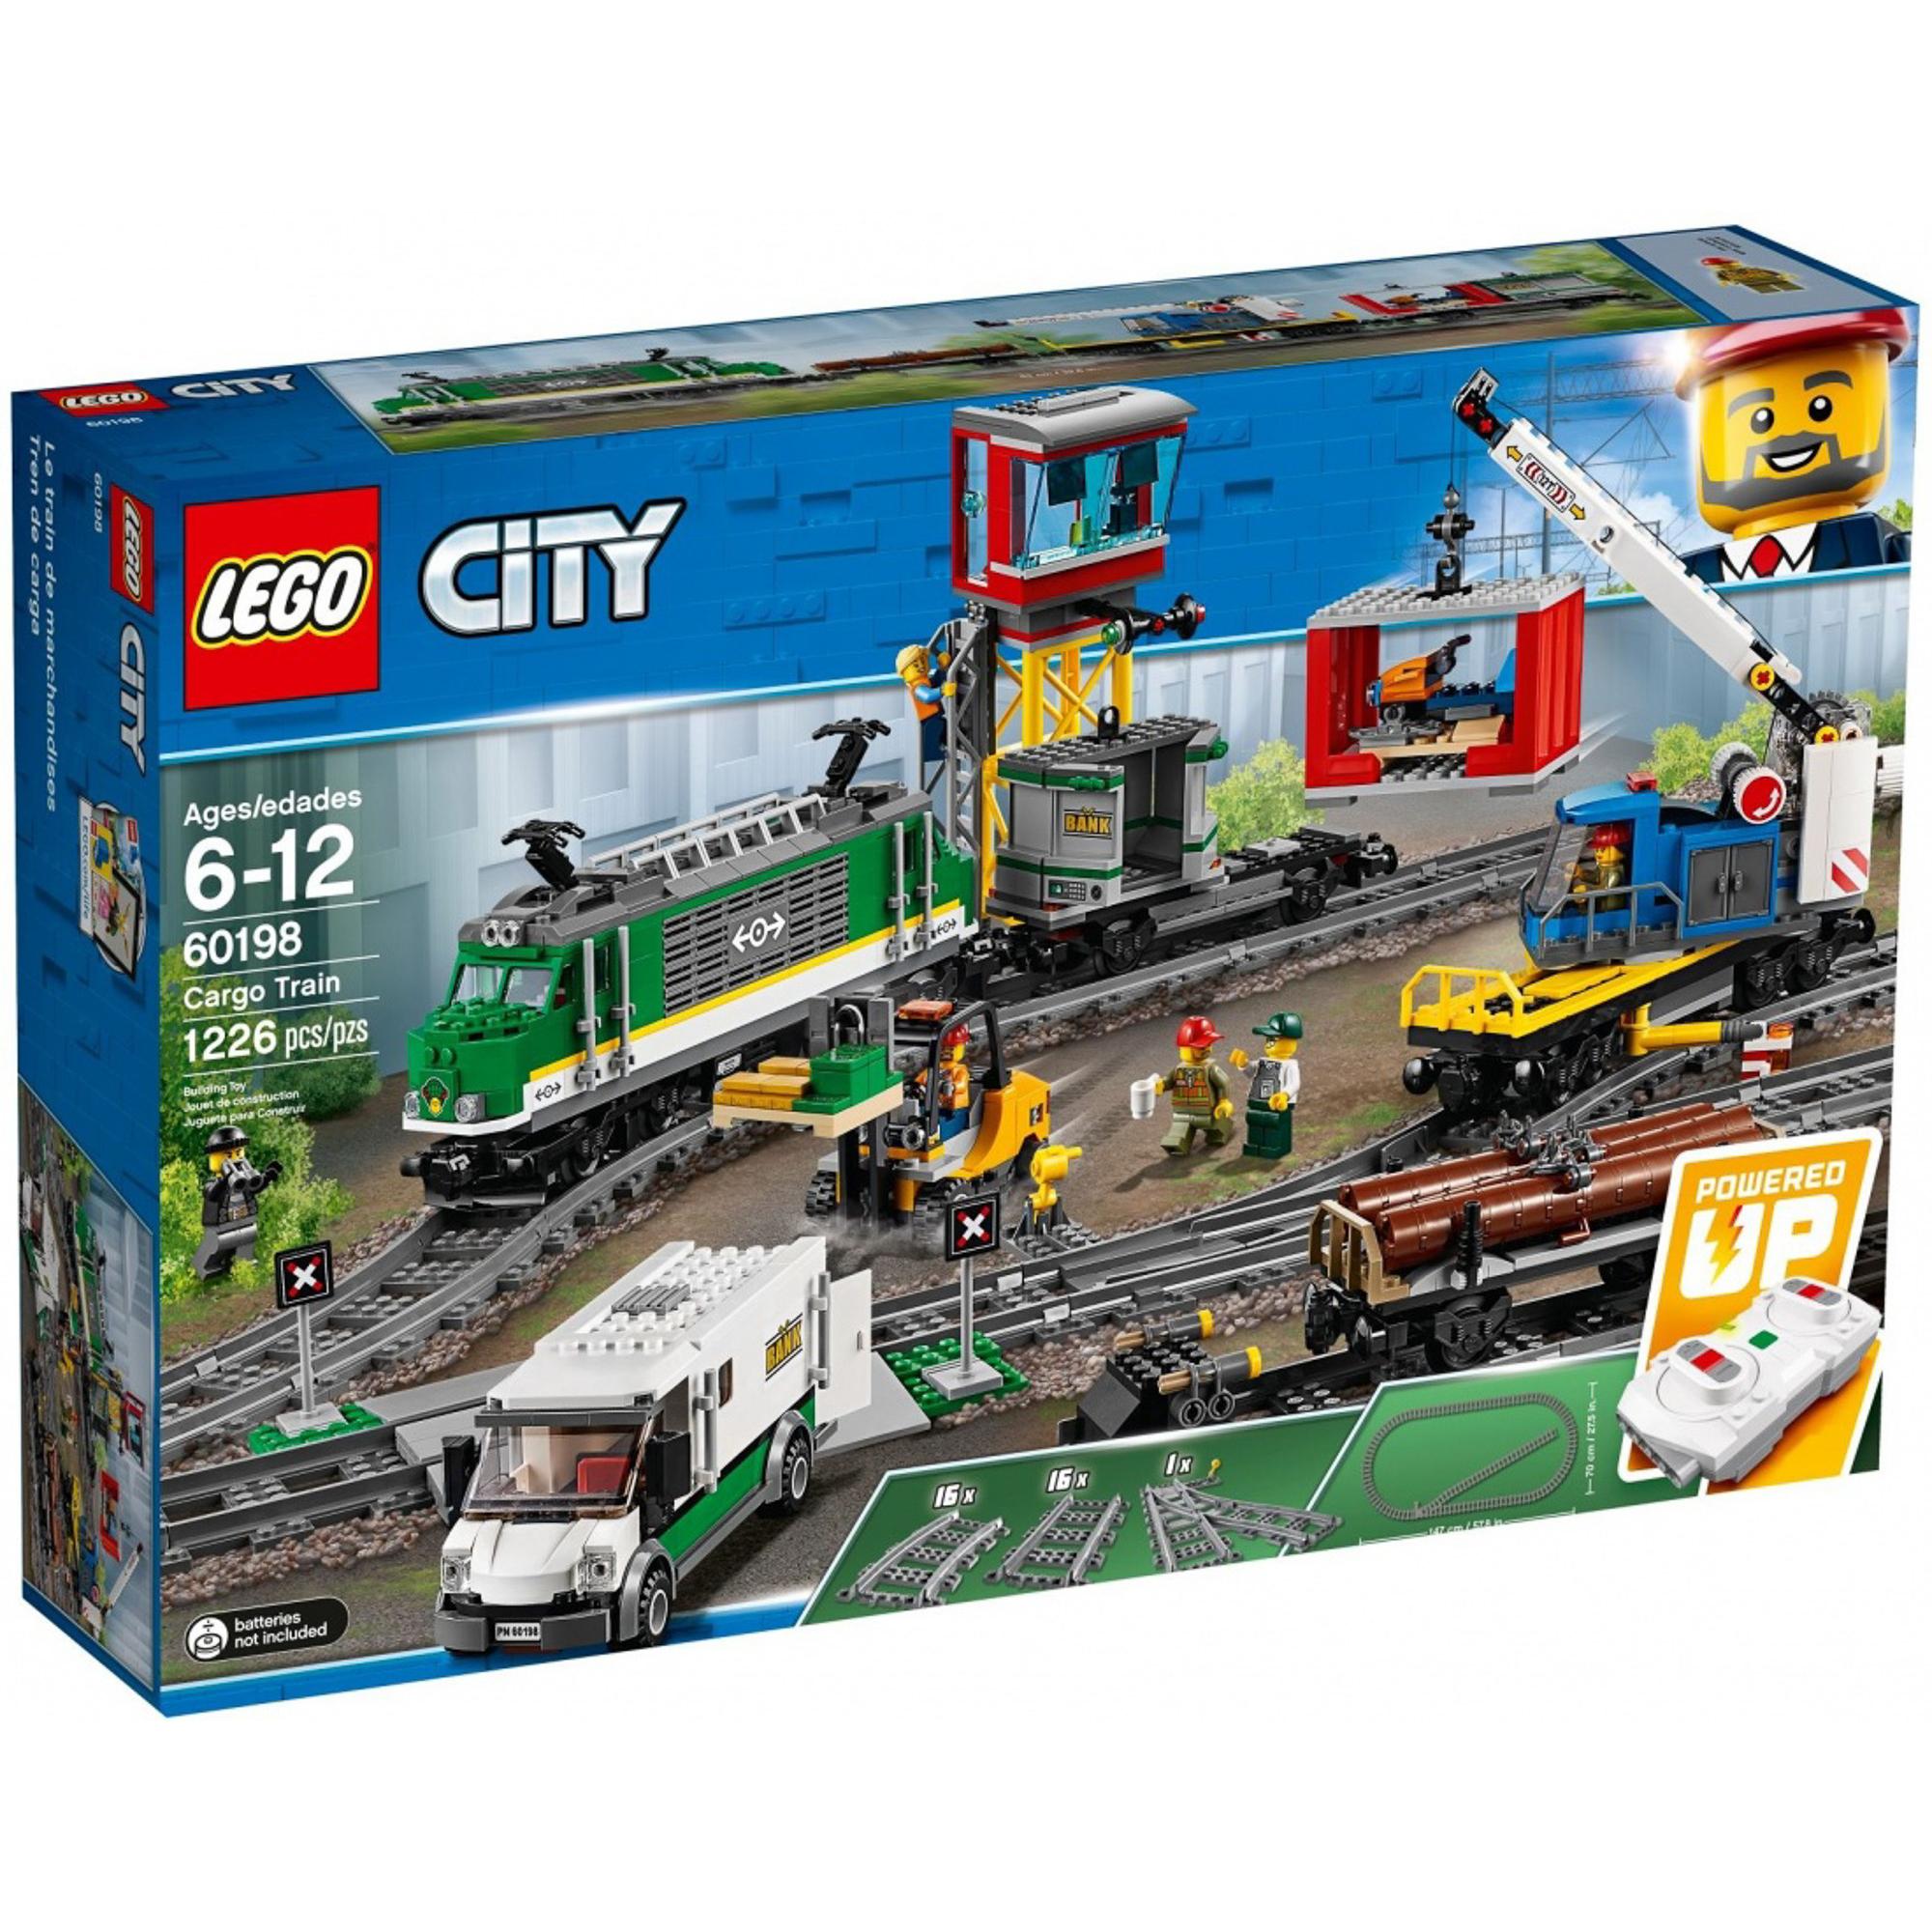 Купить Конструктор LEGO City Trains Товарный поезд, Китай, пластик, для мальчиков, Конструкторы, пазлы